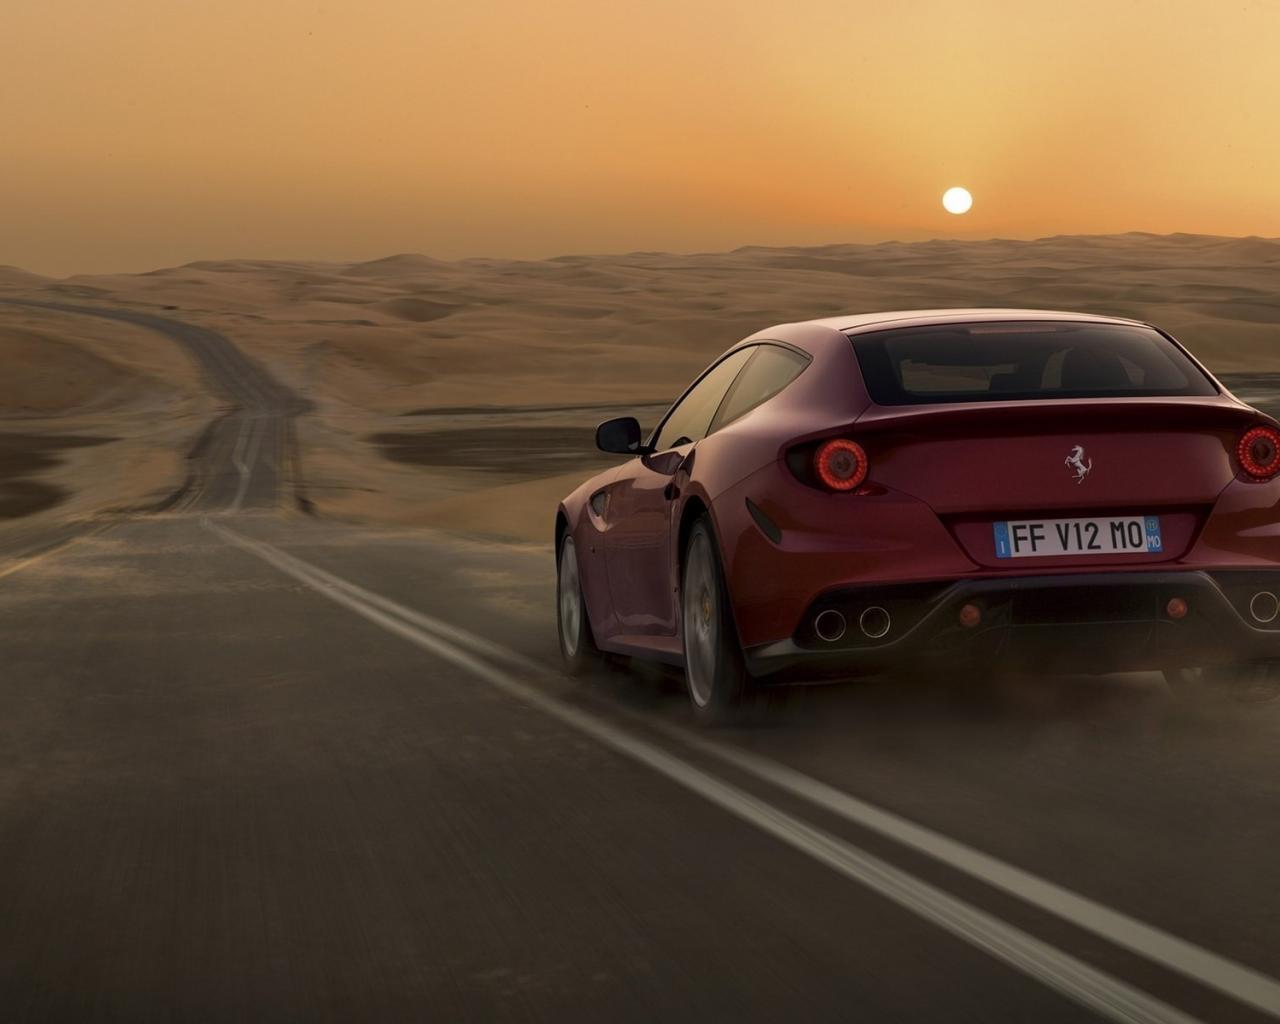 дорога пустыня авто